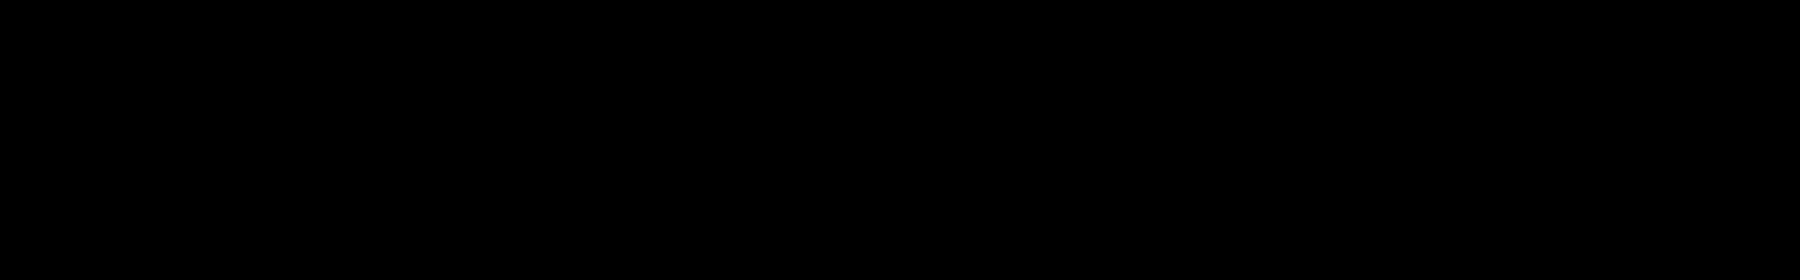 Luftrum 16 audio waveform